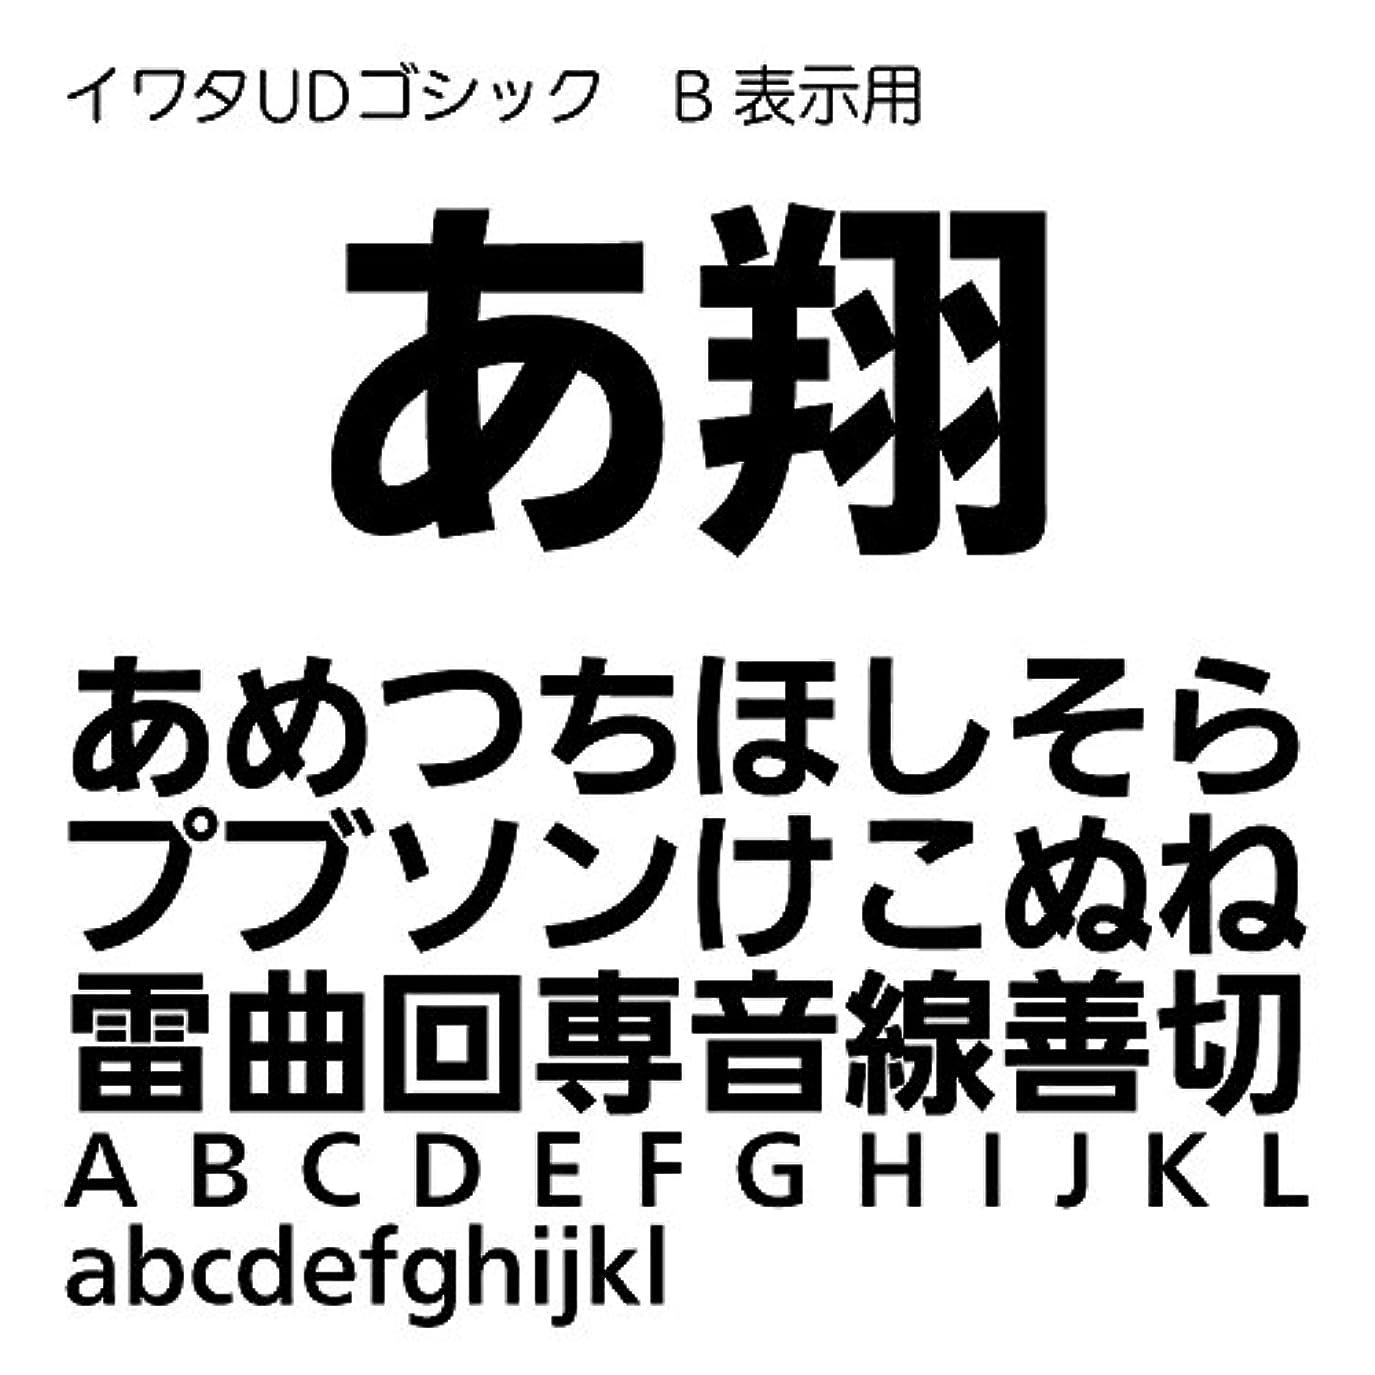 ボルトダーリン直感イワタUDゴシックB 表示用 Pro OpenType Font for Windows [ダウンロード]